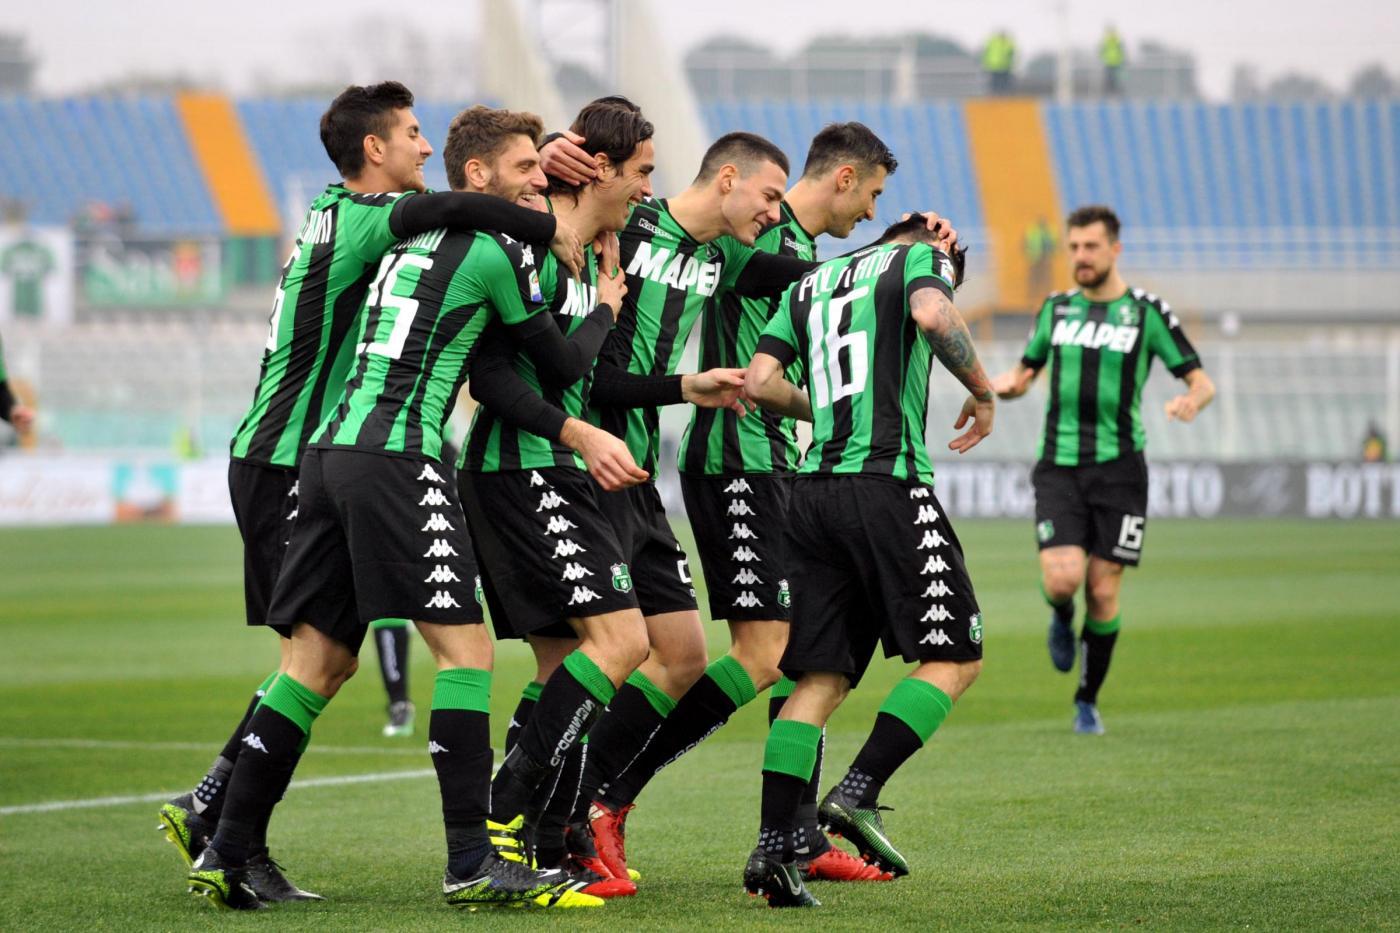 Serie A: tris Sassuolo, il Pescara sempre ultimo